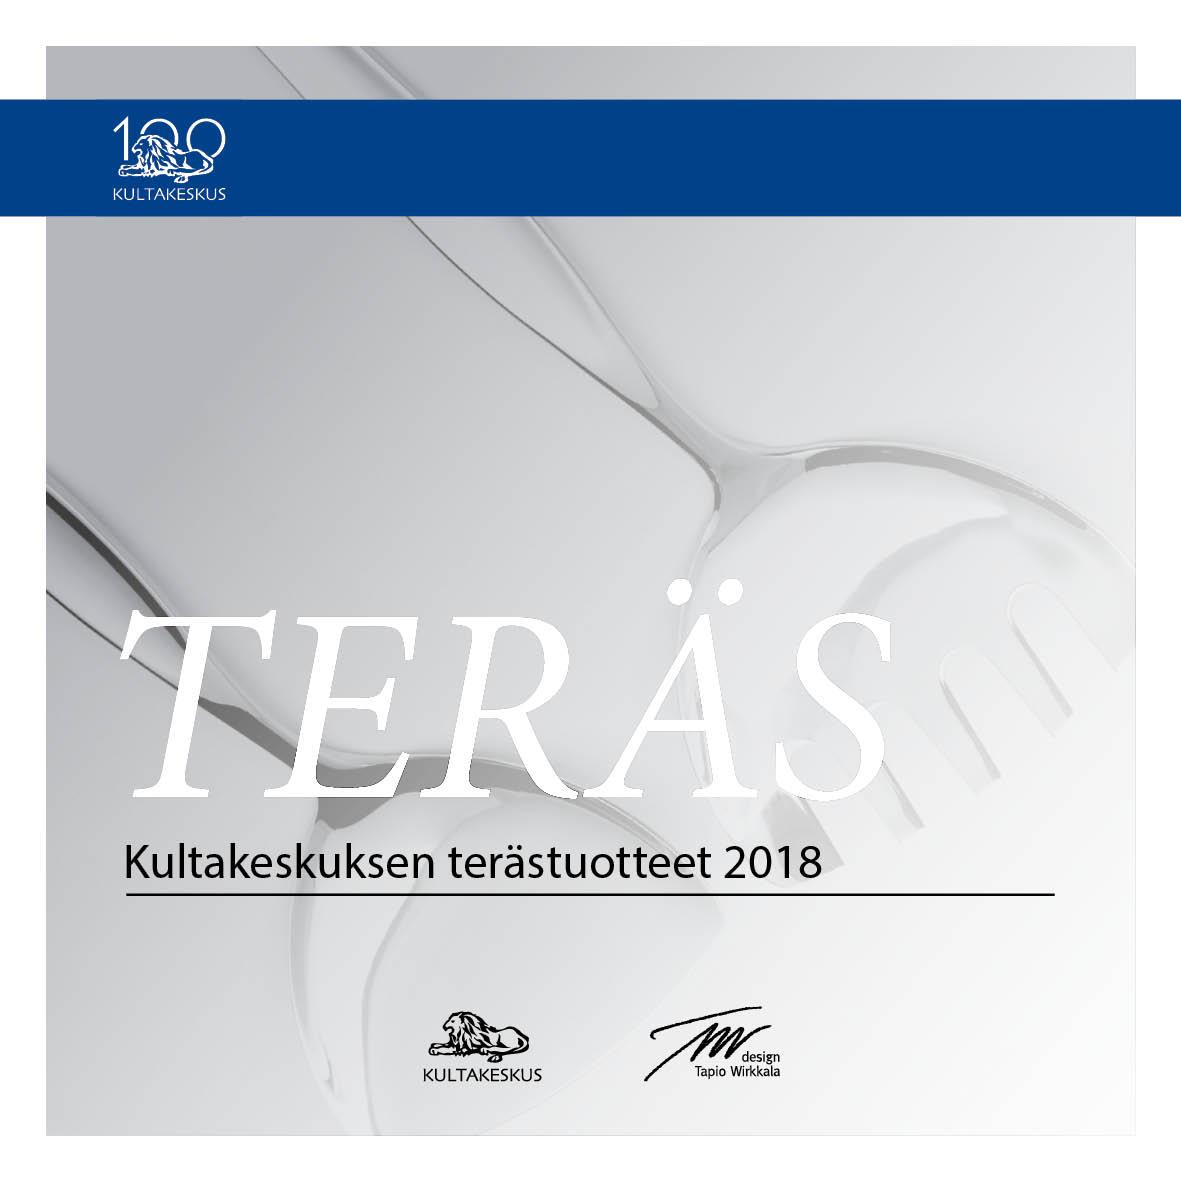 Kultakeskuksen terÑstuotteet 2018